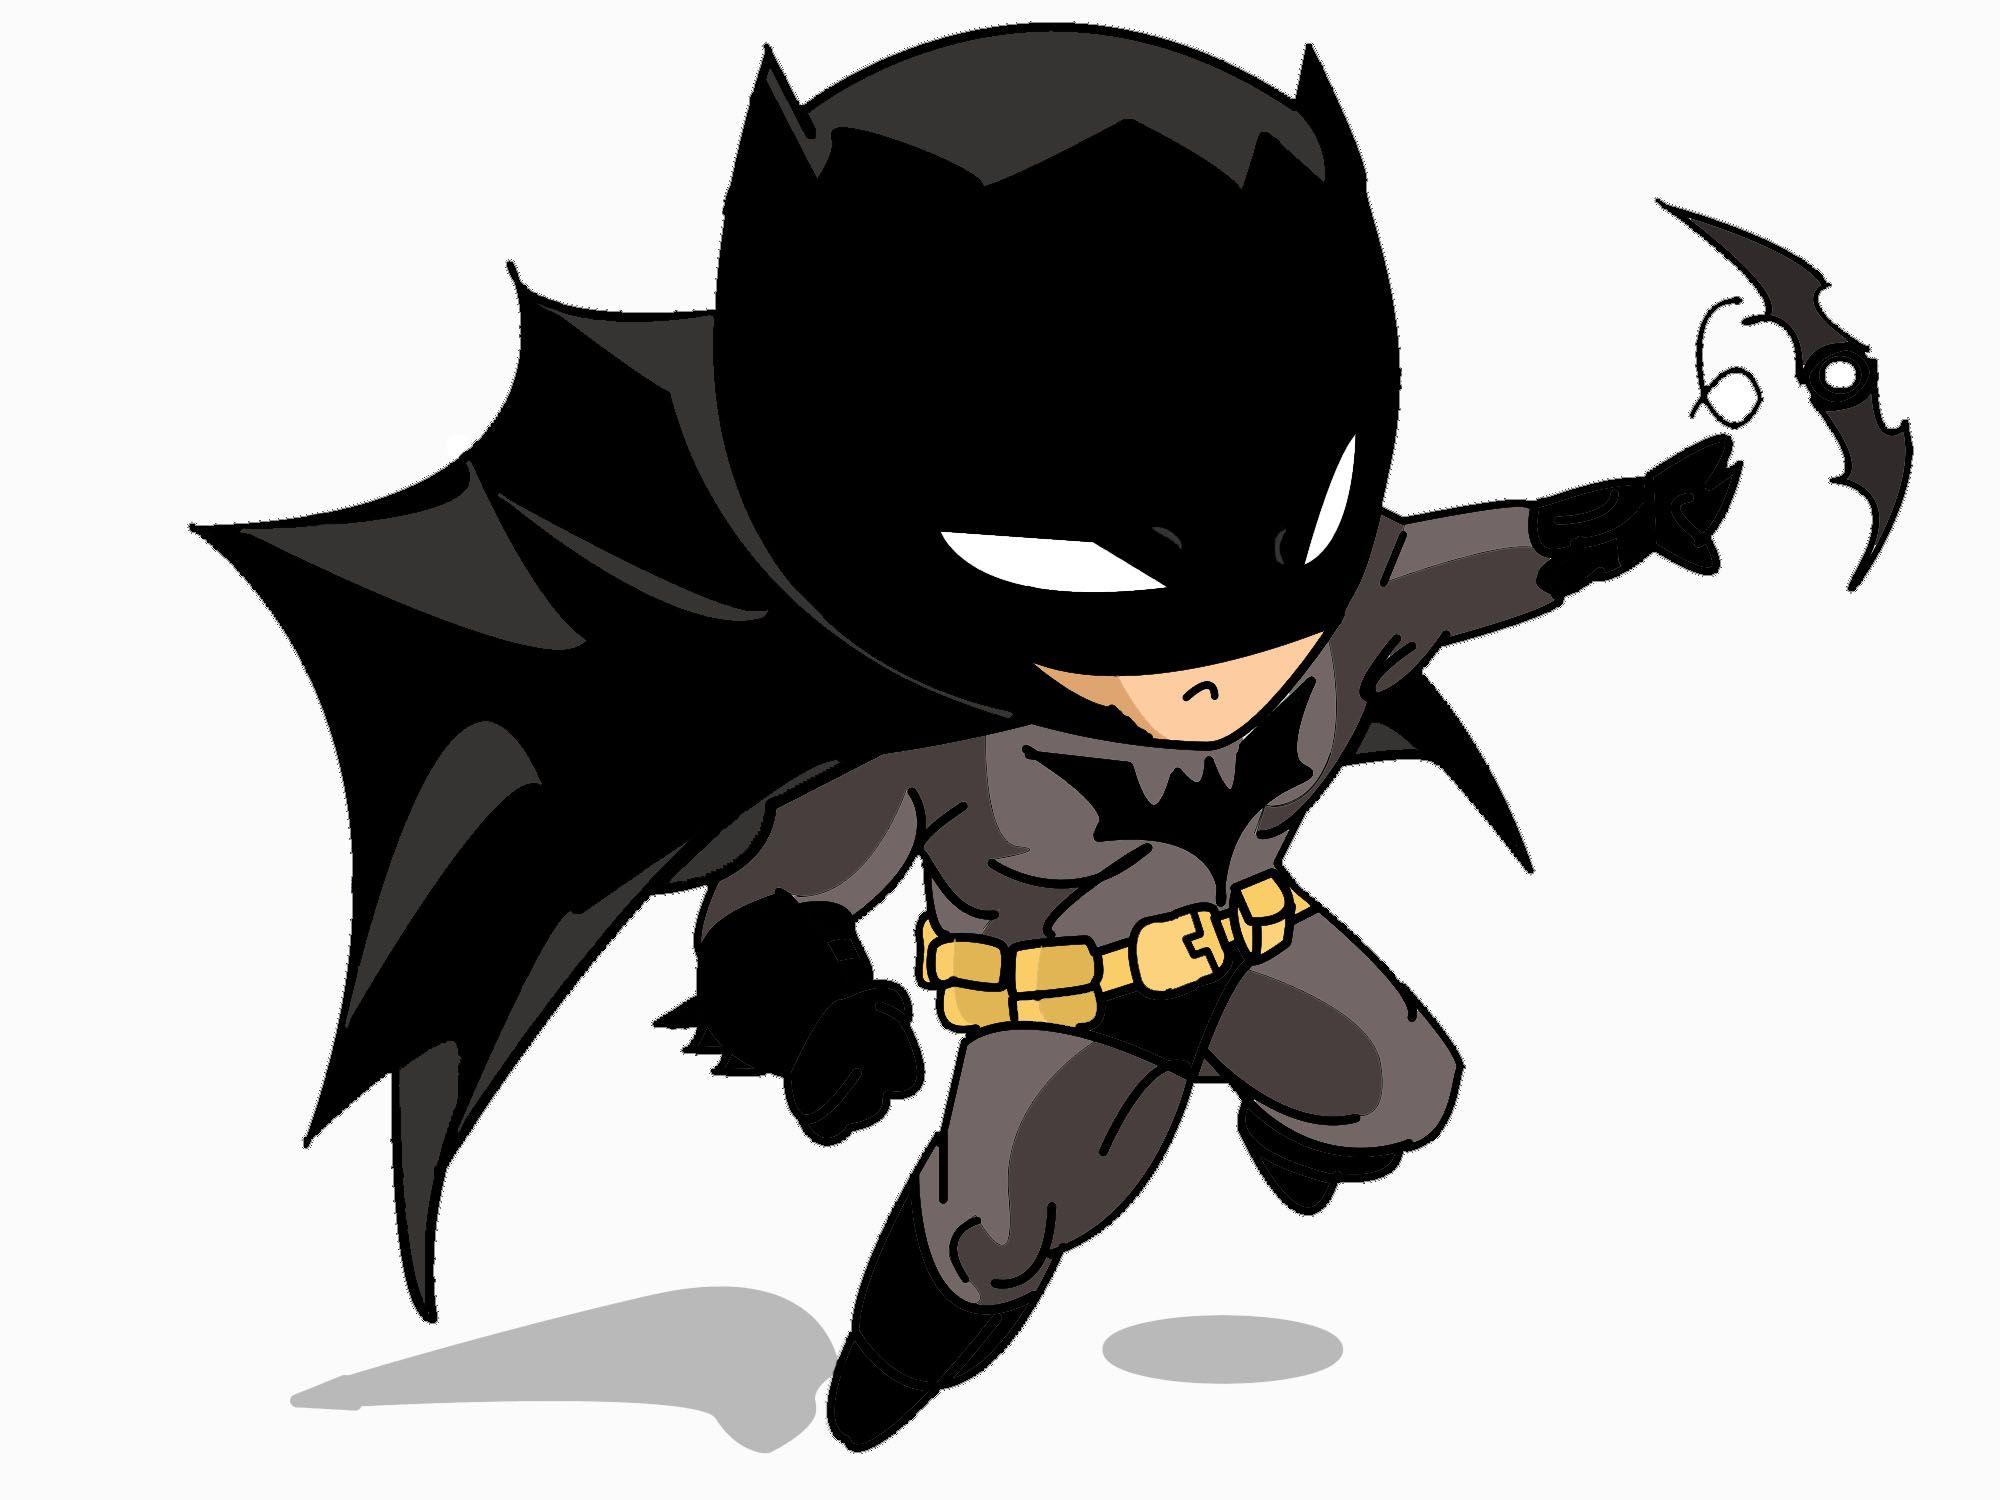 Dc Chibis Batman Chibi By TheCinnamonKoala